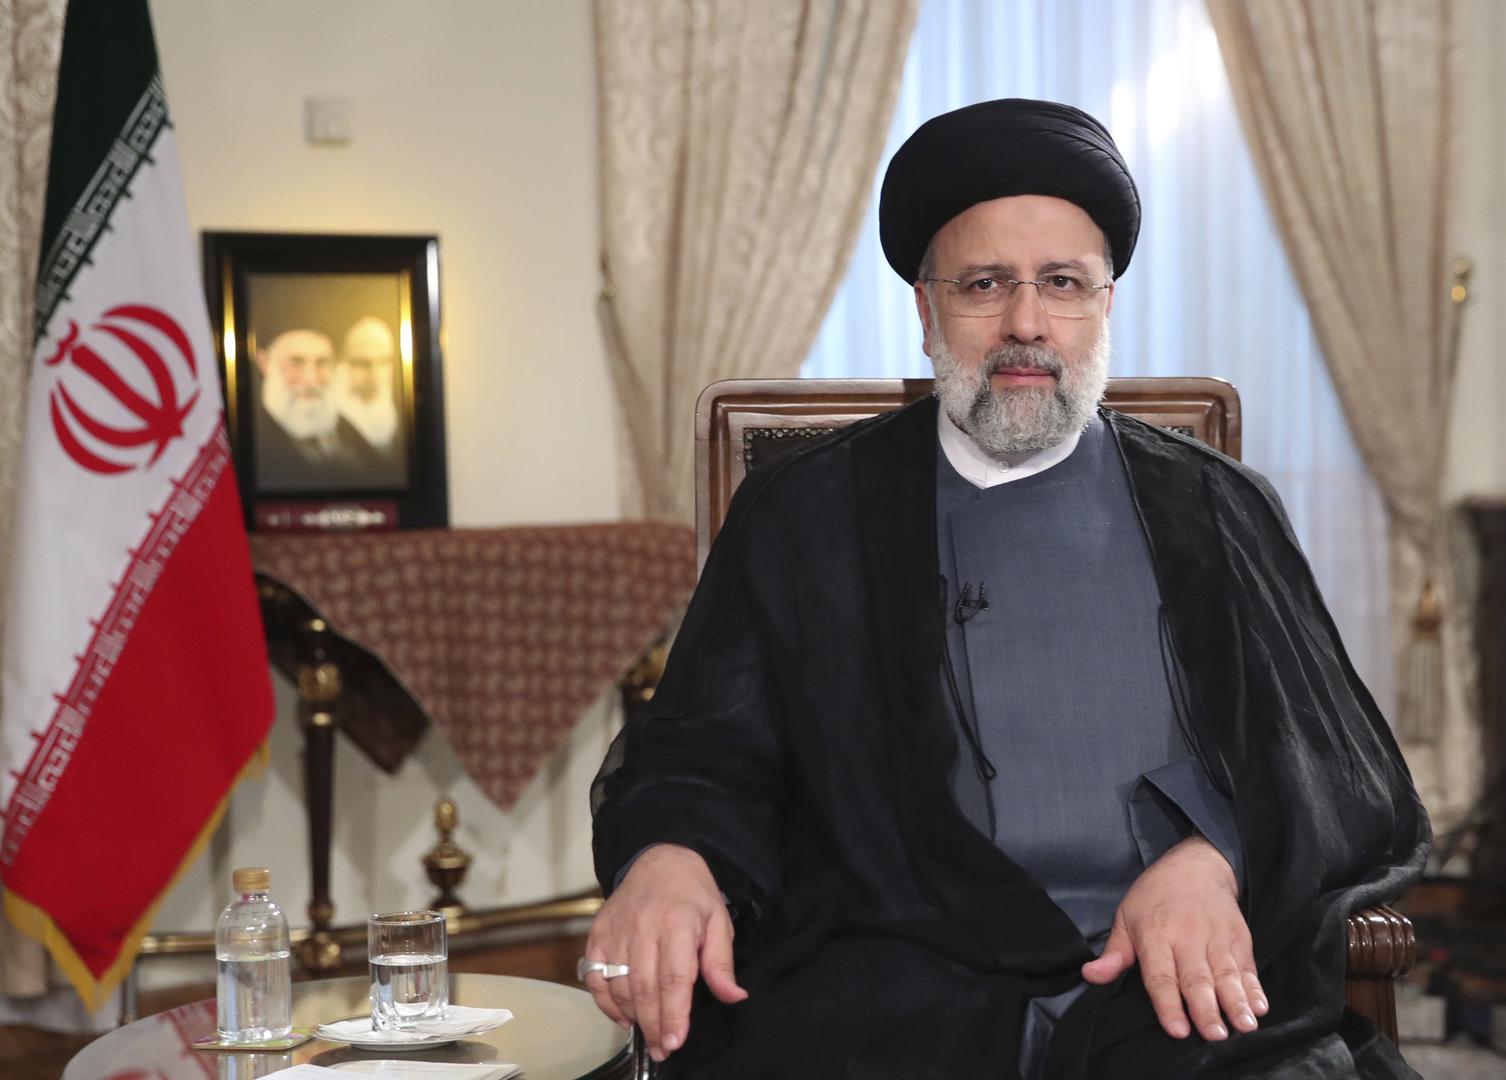 الرئيس الإيراني يبعث رسالة إلى نظيره الإماراتي